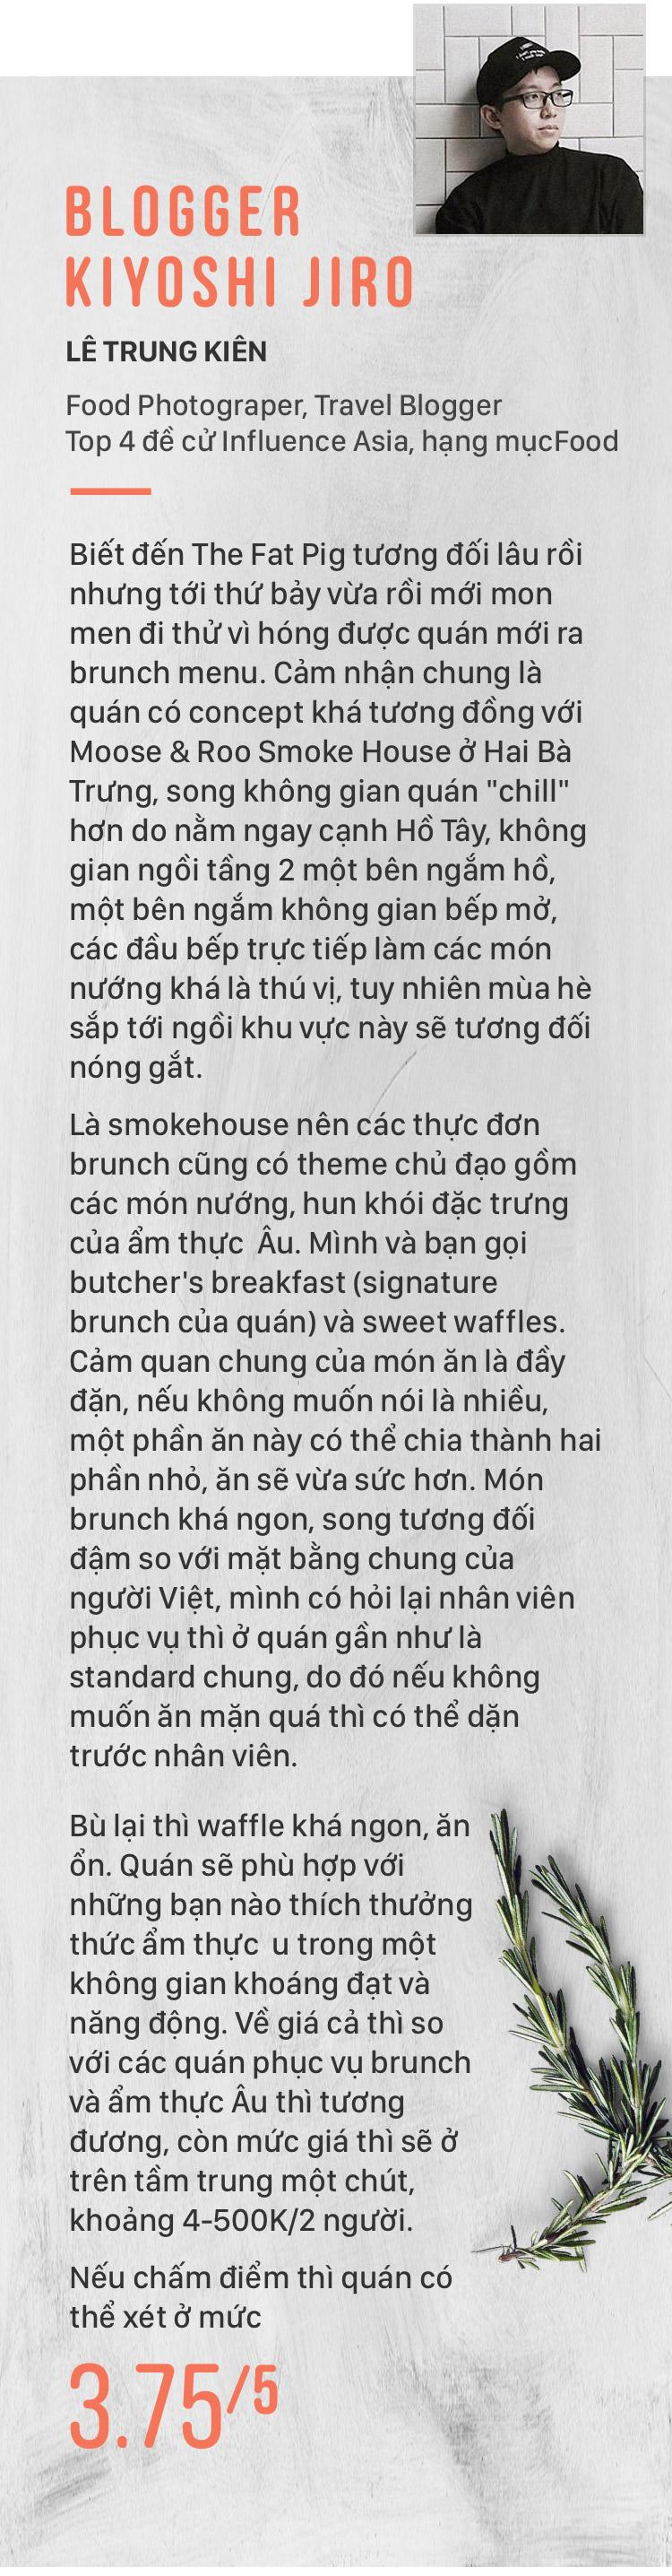 Quán Con Heo Béo – Một quán mới rất ổn cho những tín đồ thịt nướng kiểu Mỹ - Ảnh 19.